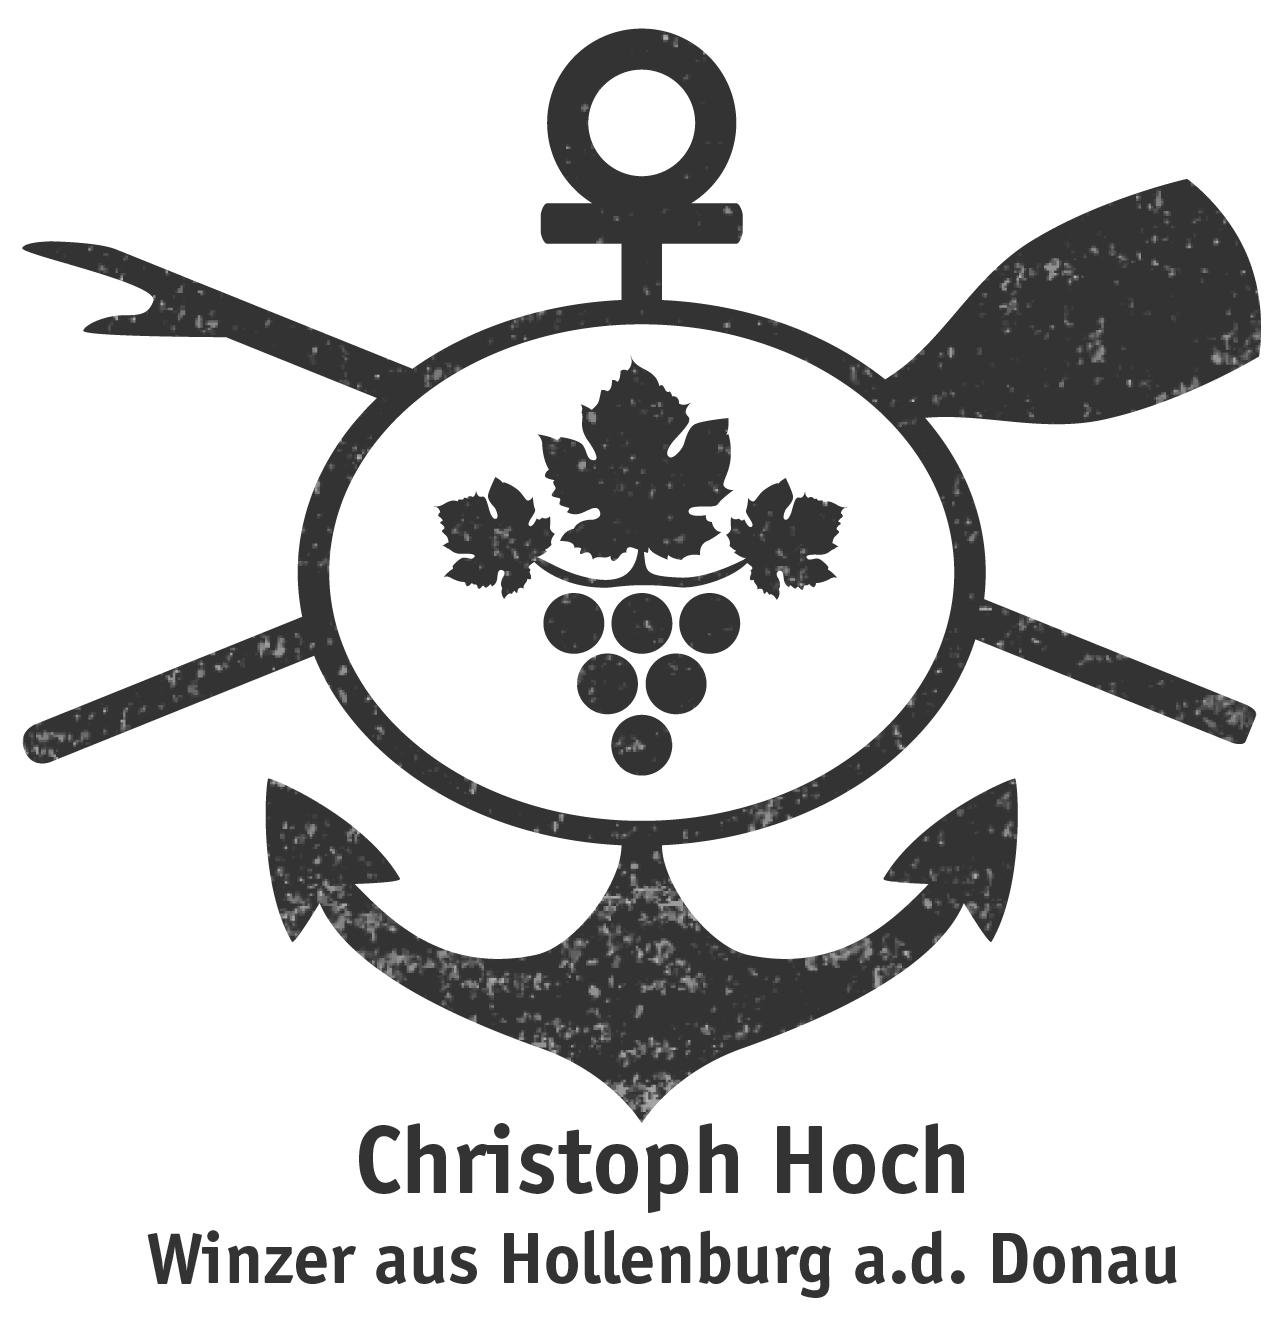 Christoph Hoch